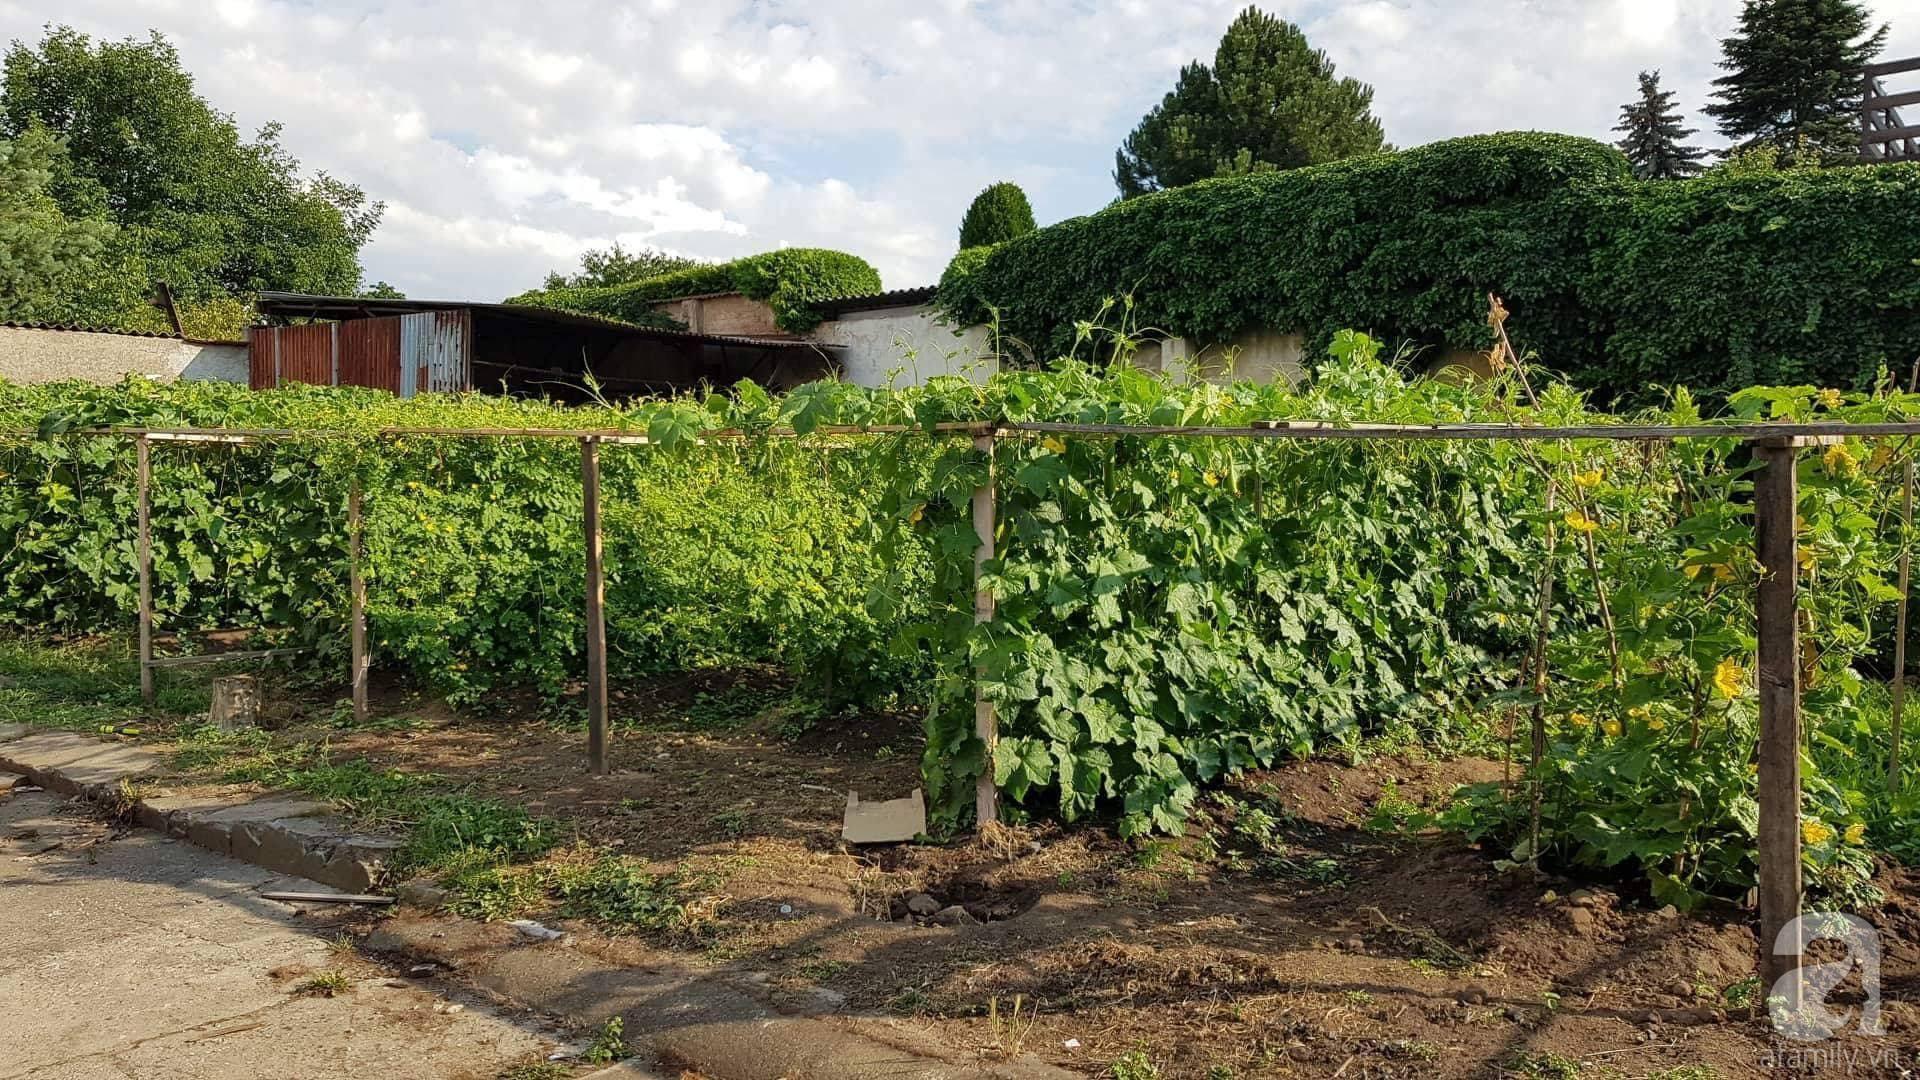 Choáng ngợp trước vườn rau sạch rộng 600m² với đủ rau trái Việt của bà mẹ trẻ ở nước ngoài - Ảnh 5.